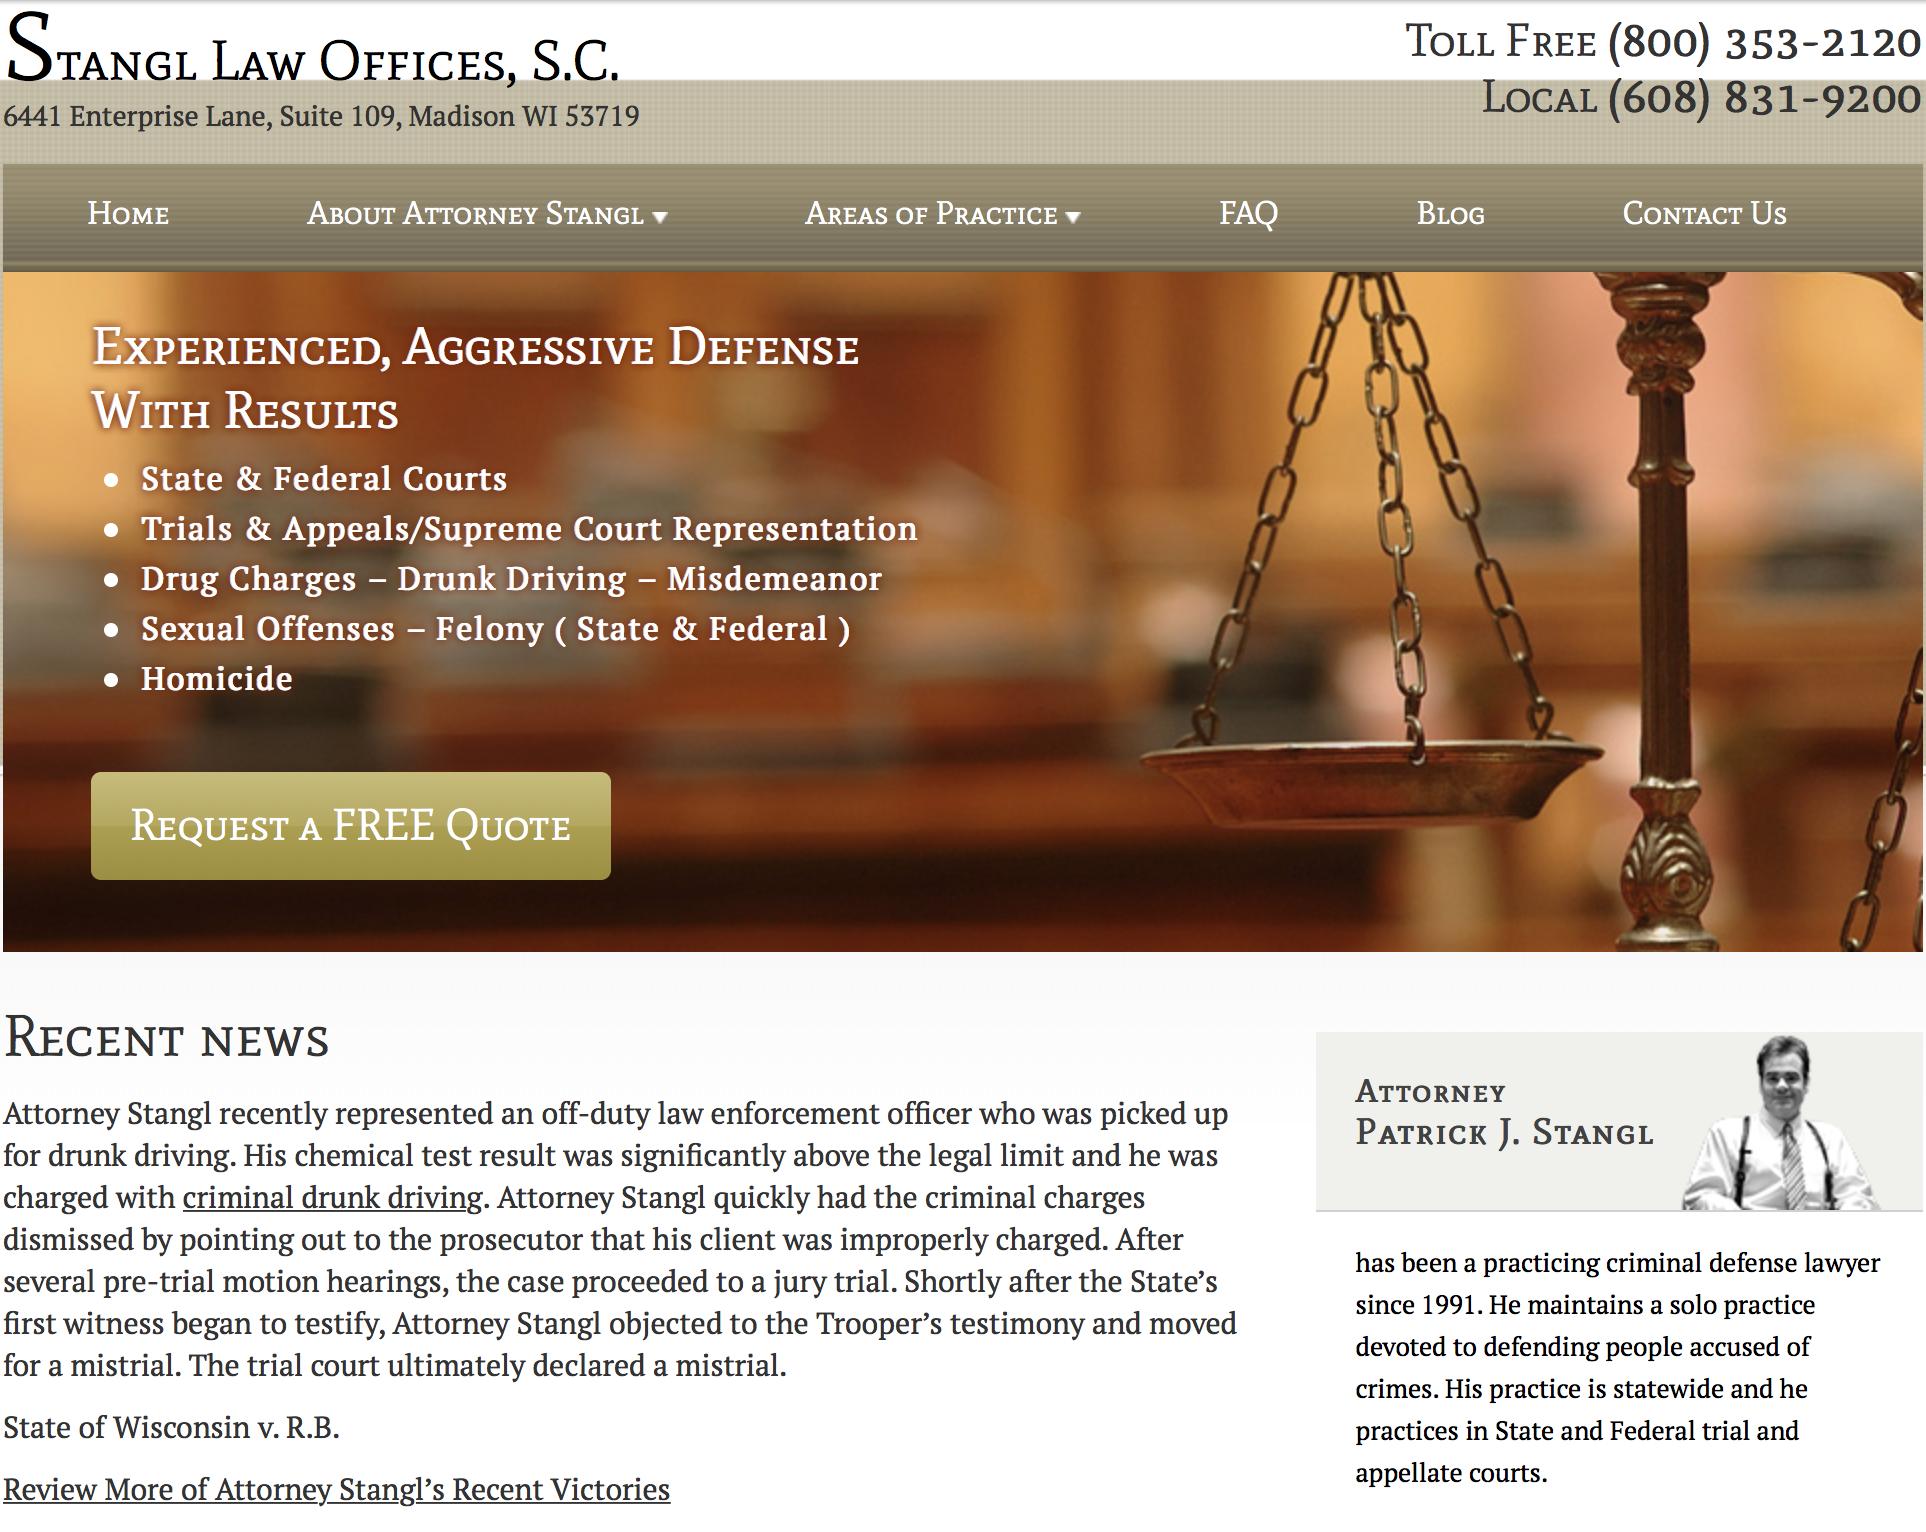 2013 website